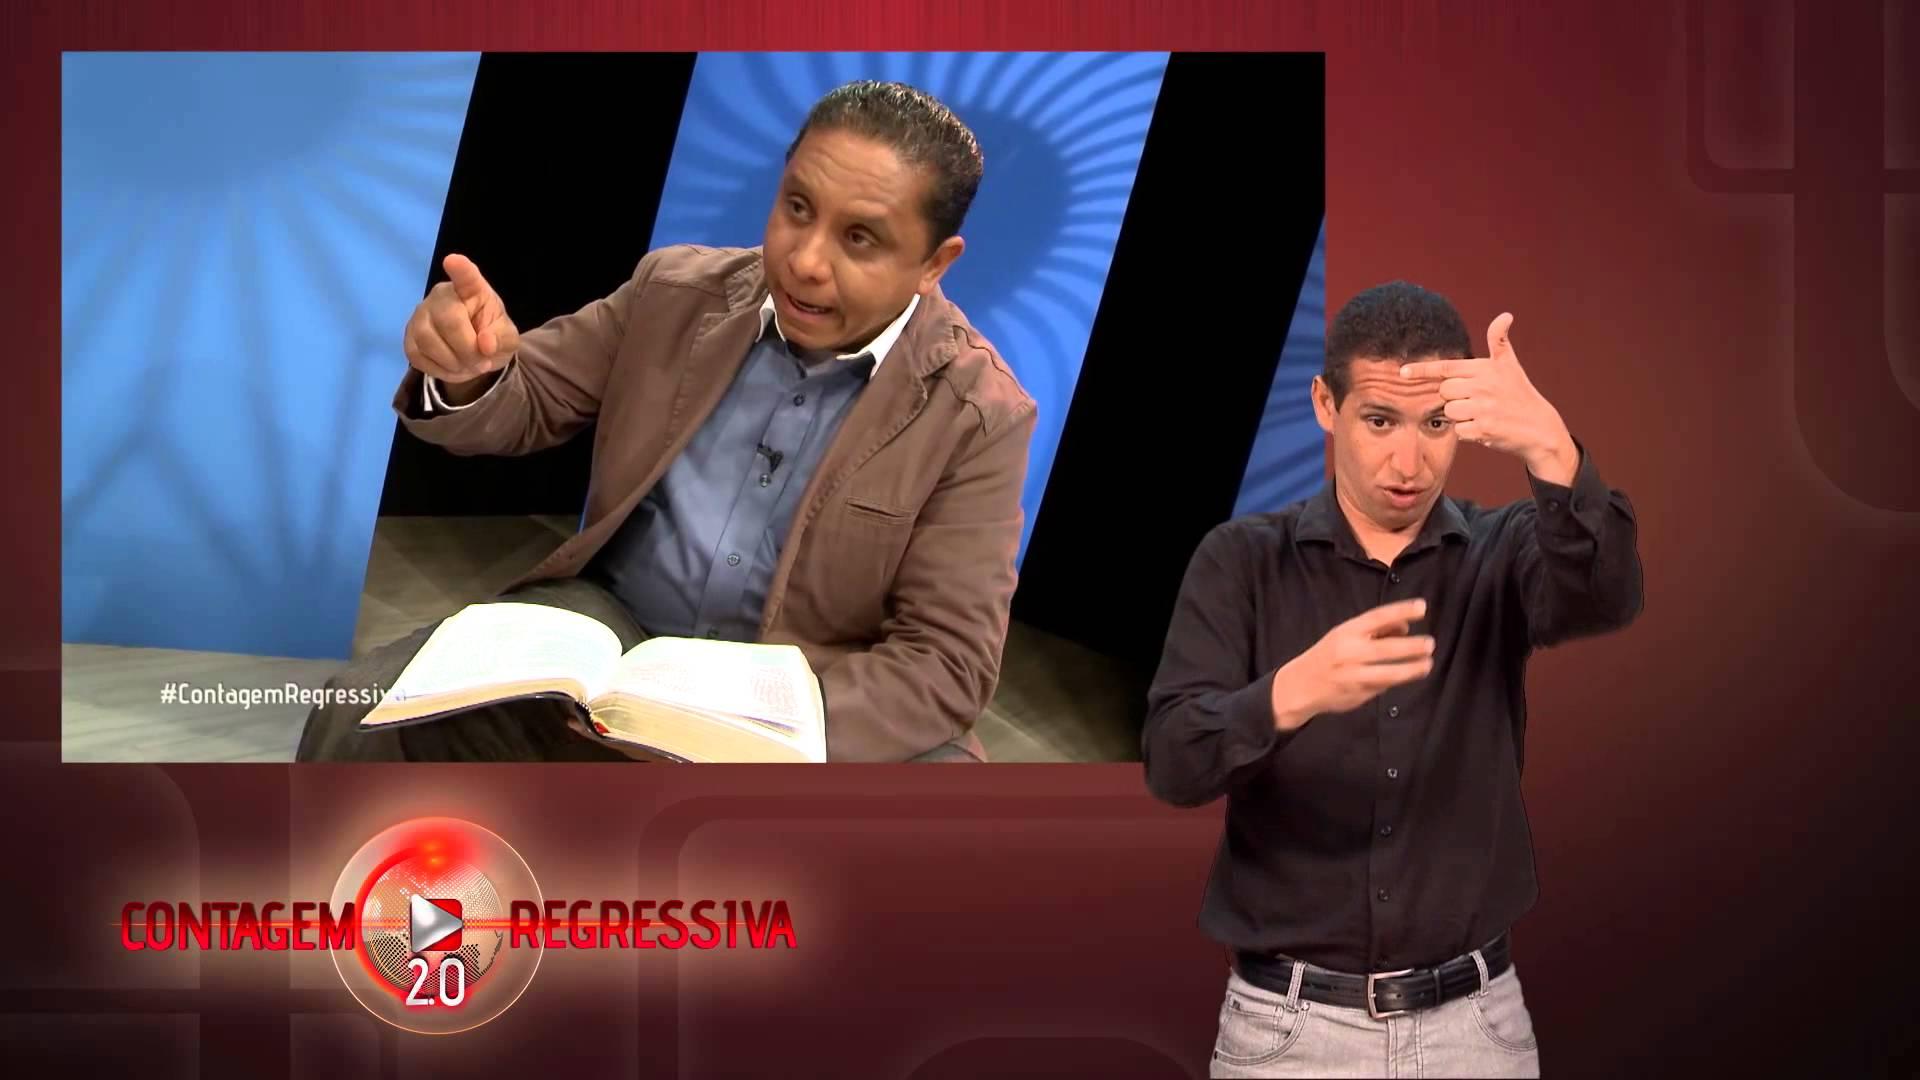 Libras: Quem é o Anticristo? – Contagem Regressiva 2.0